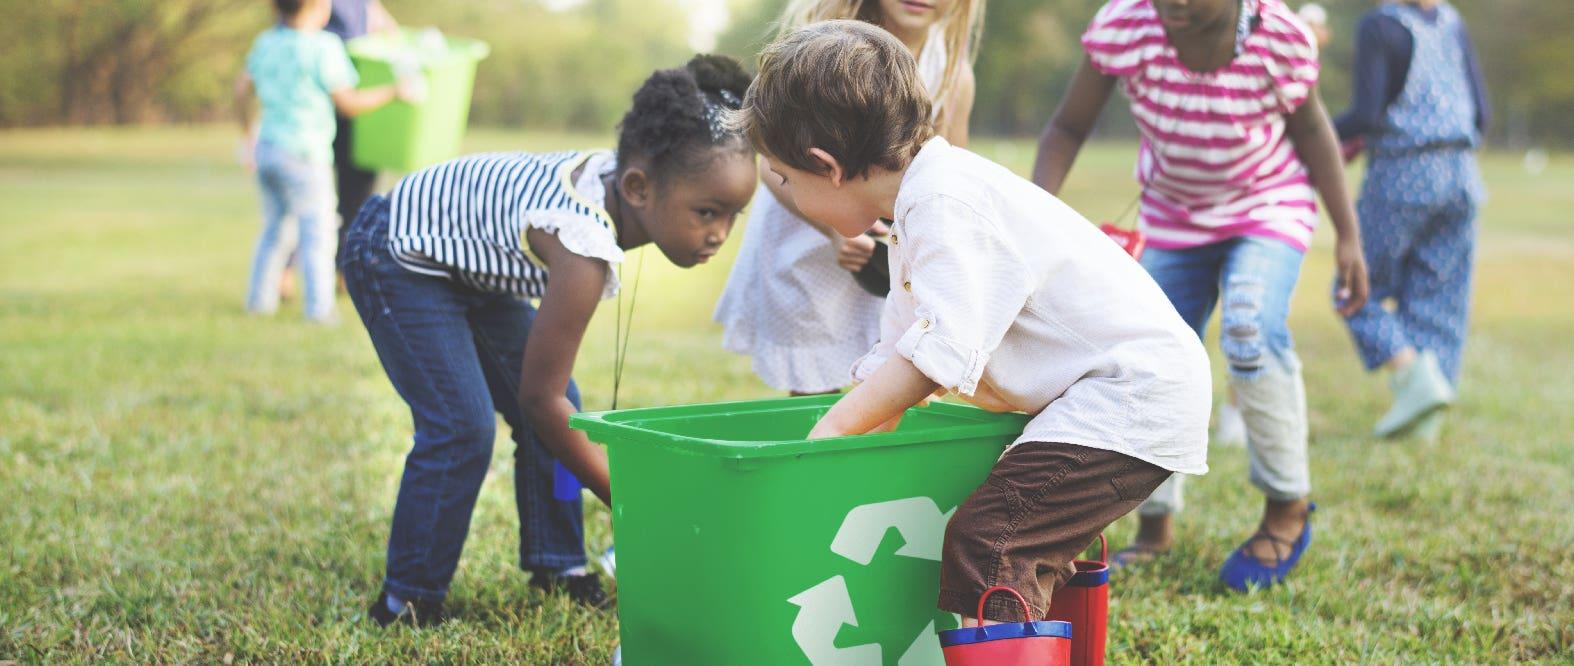 ¿Cómo enseñarle a los niños a reciclar?